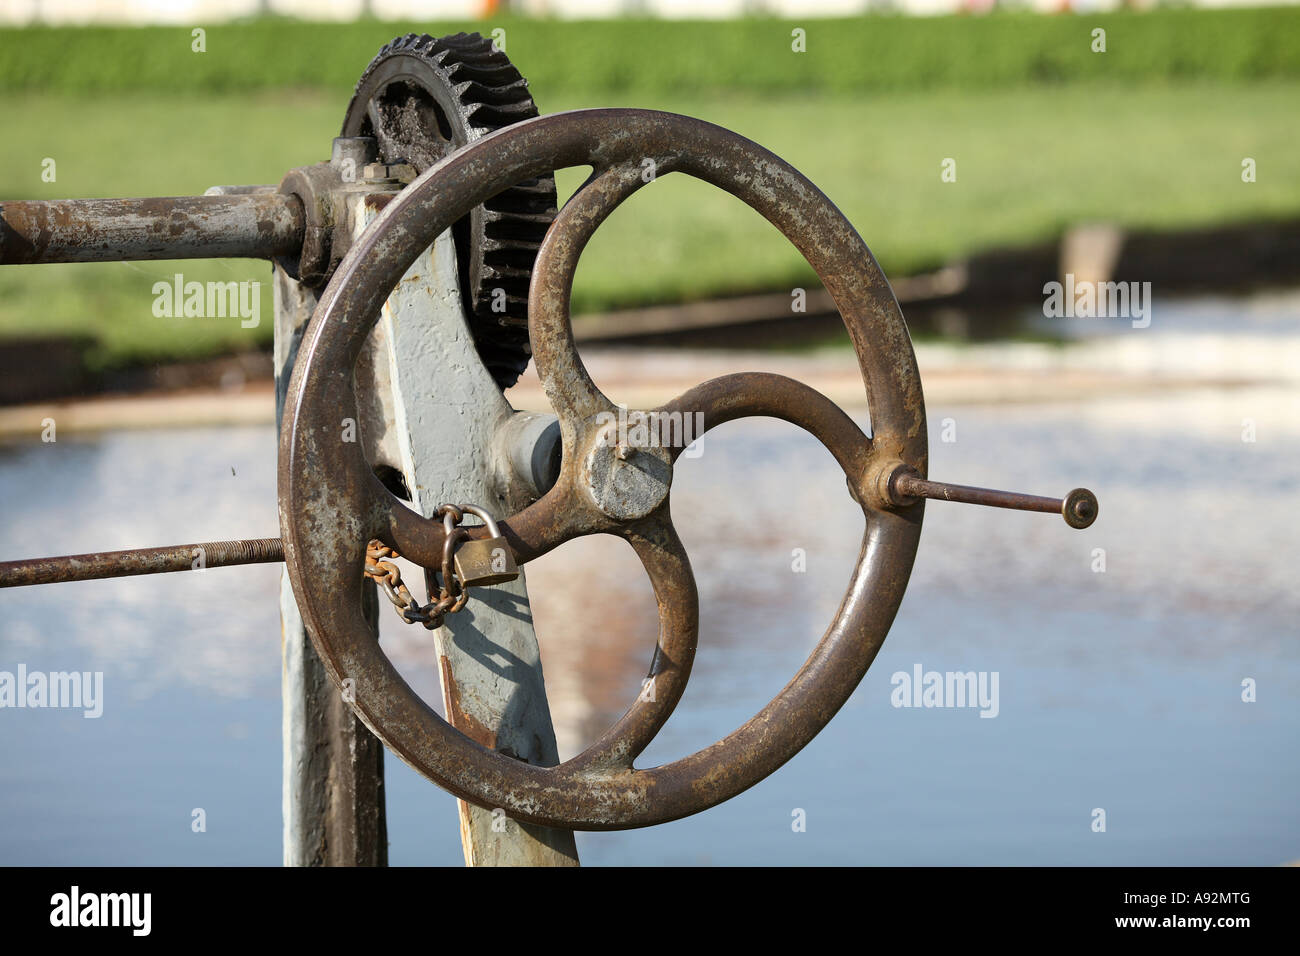 Crank handle Stock Photo: 12231135 - Alamy